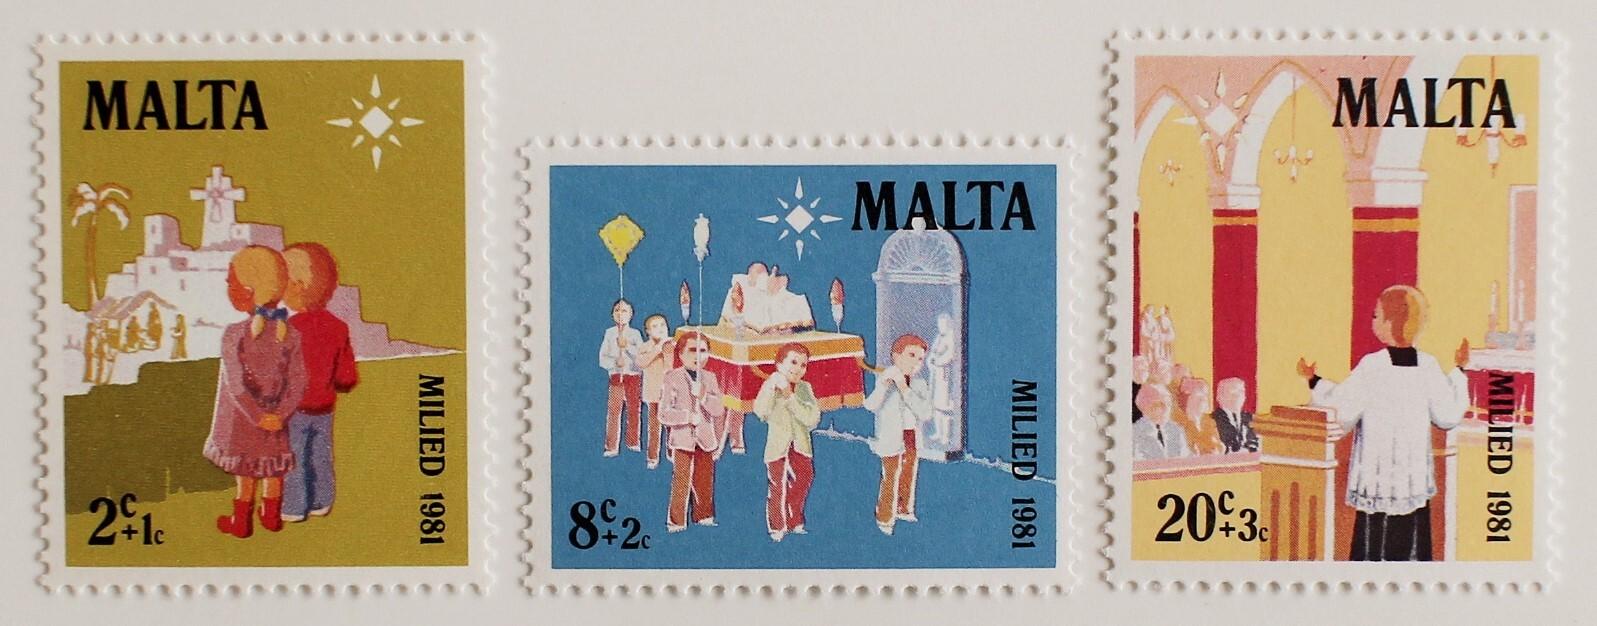 クリスマス / マルタ 1981